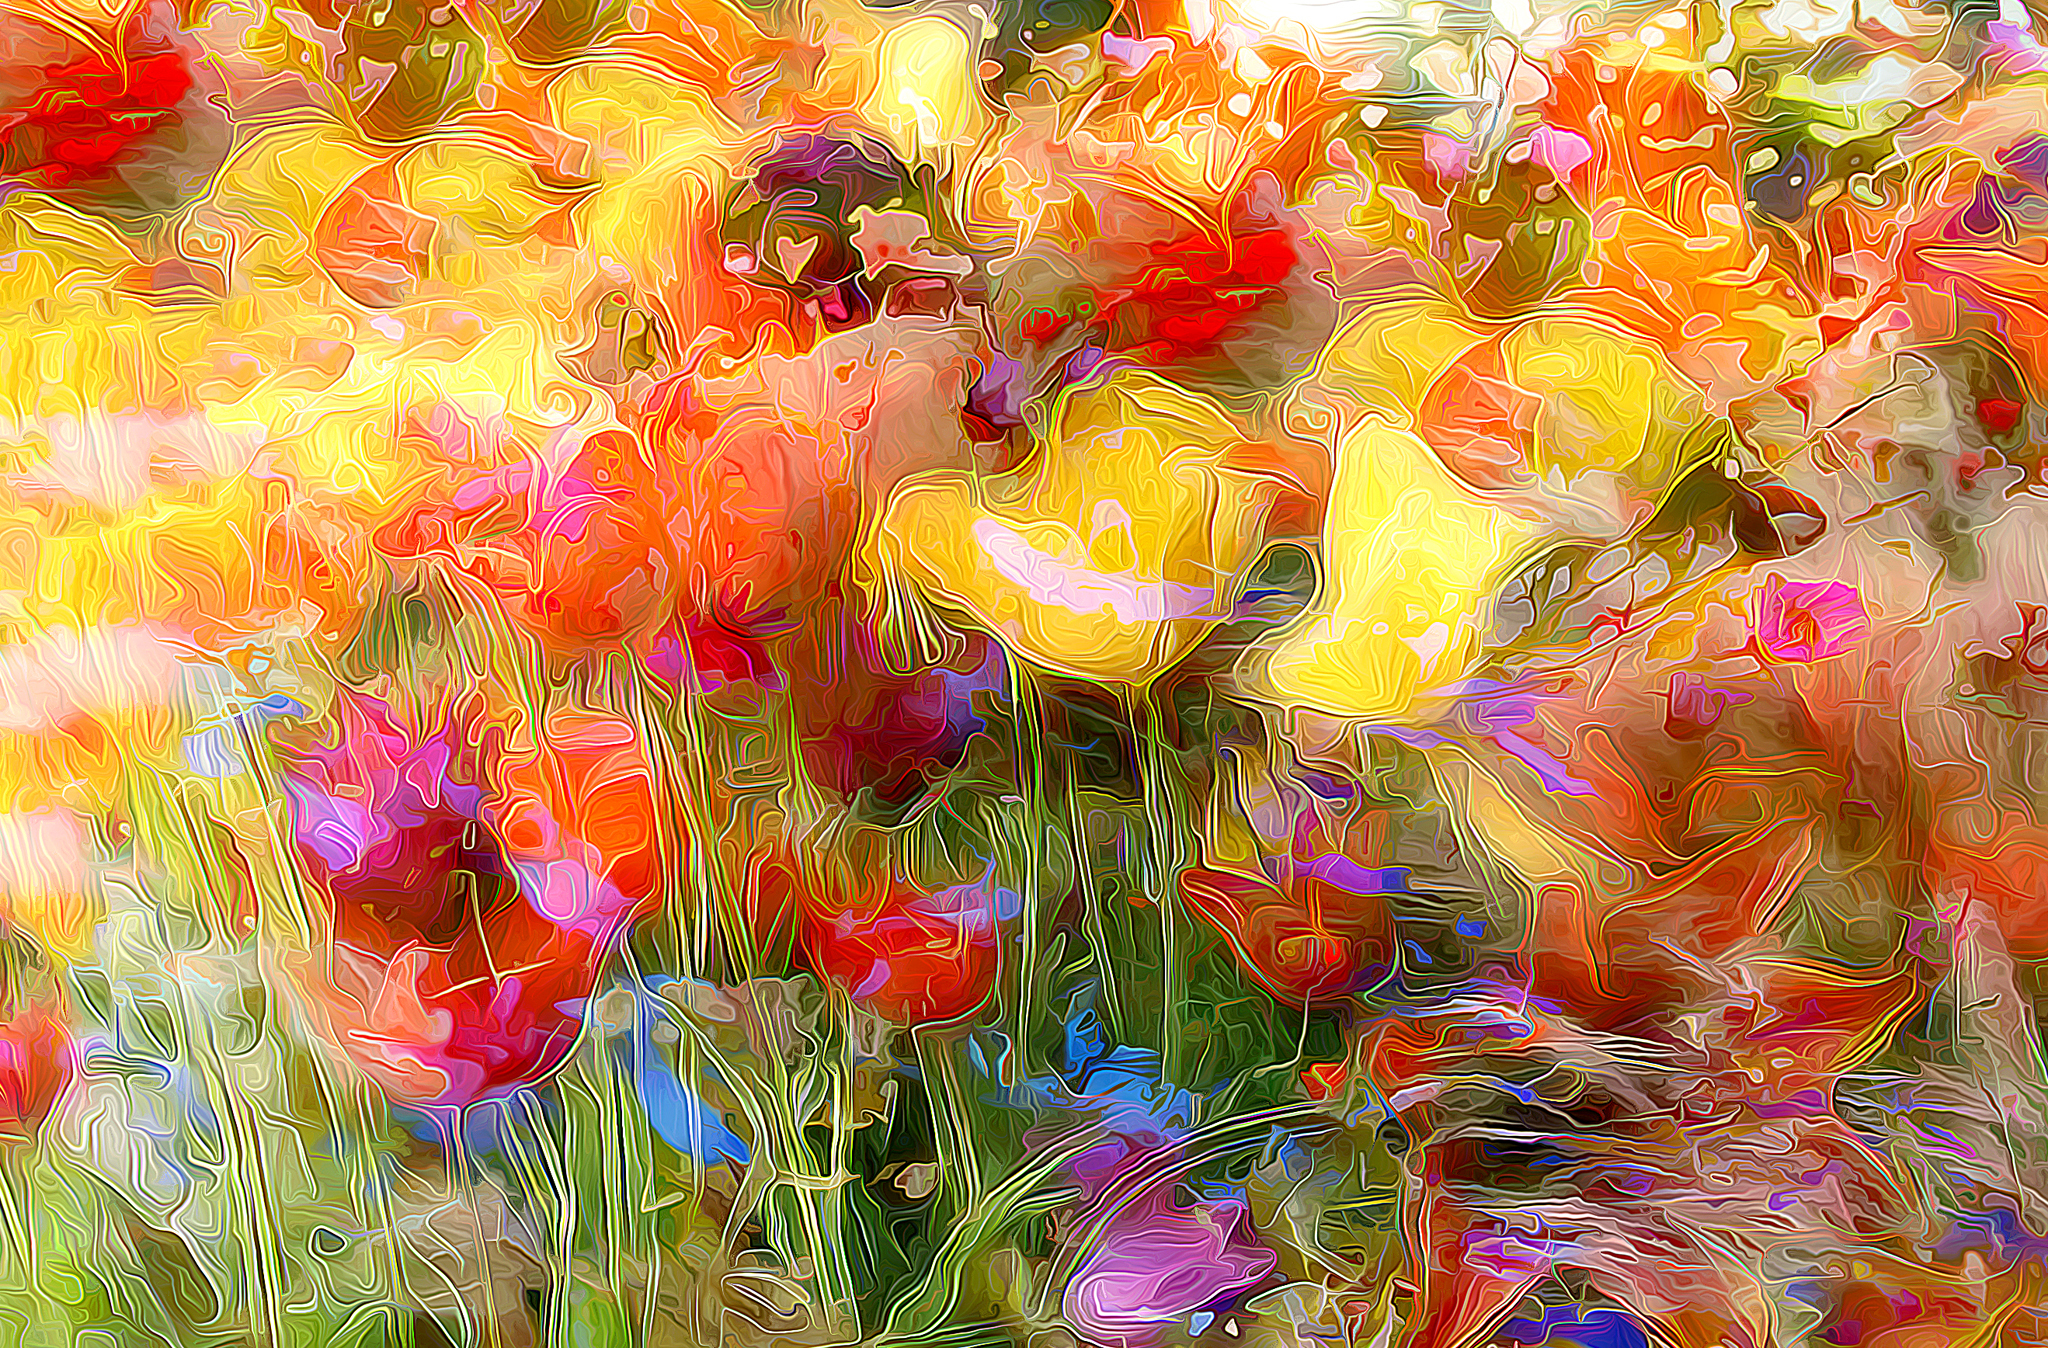 картинка полотно цветов большое количество